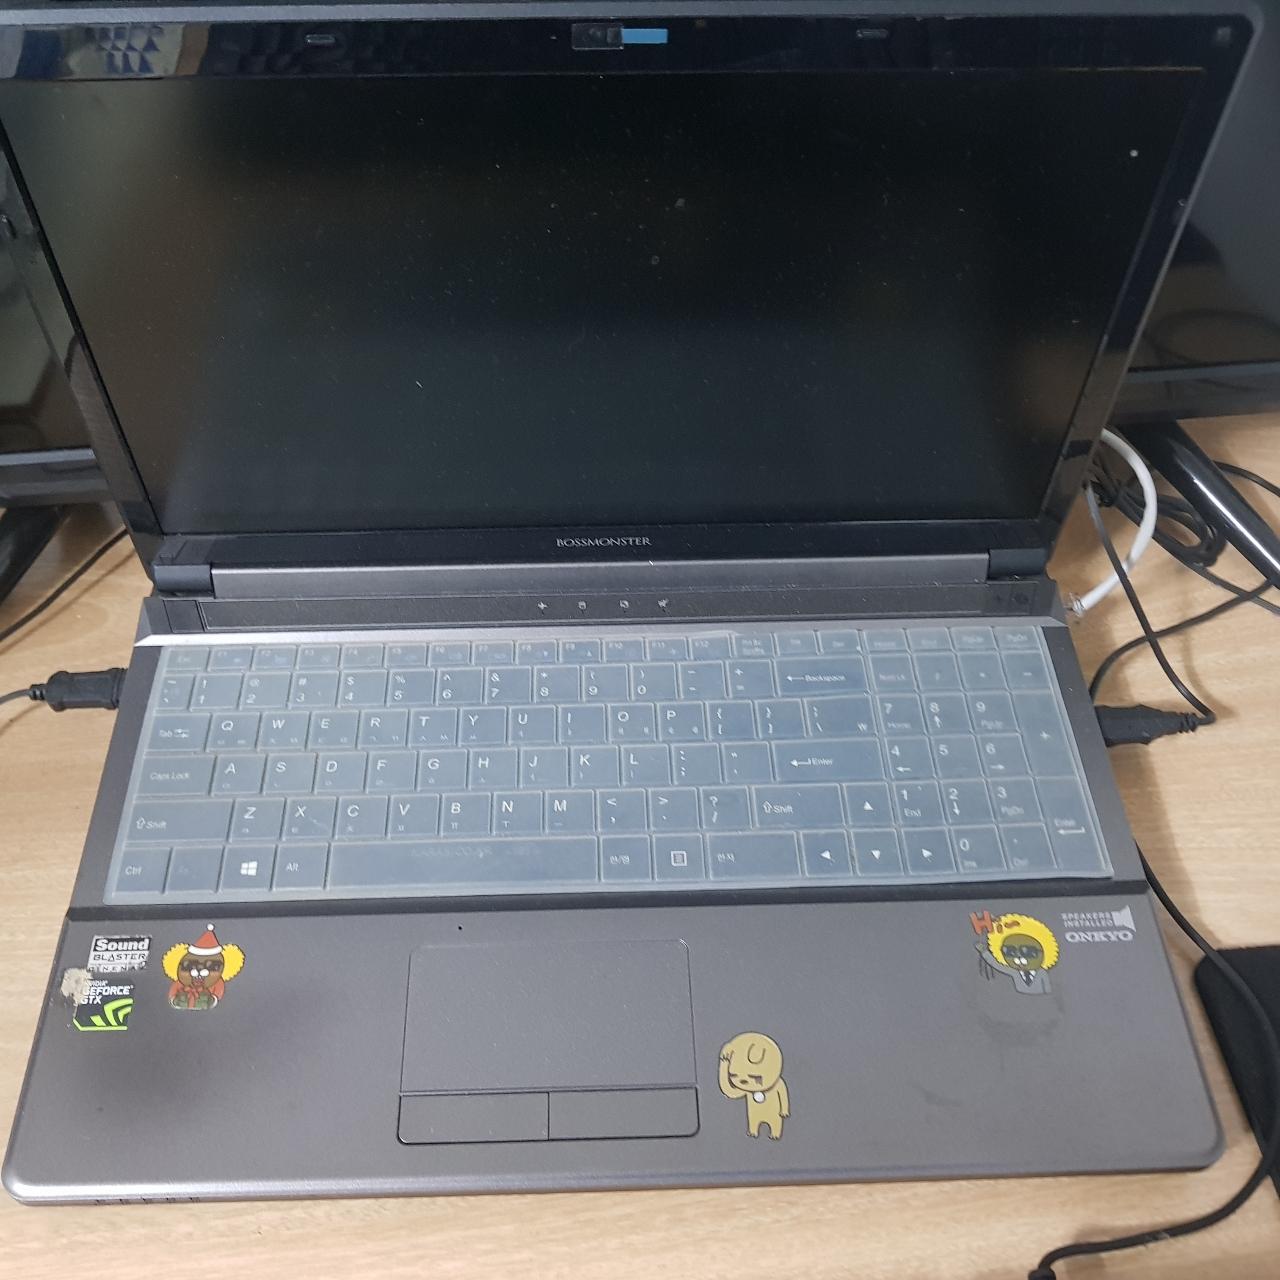 한성 보스몬스터 노트북 판매합니다.